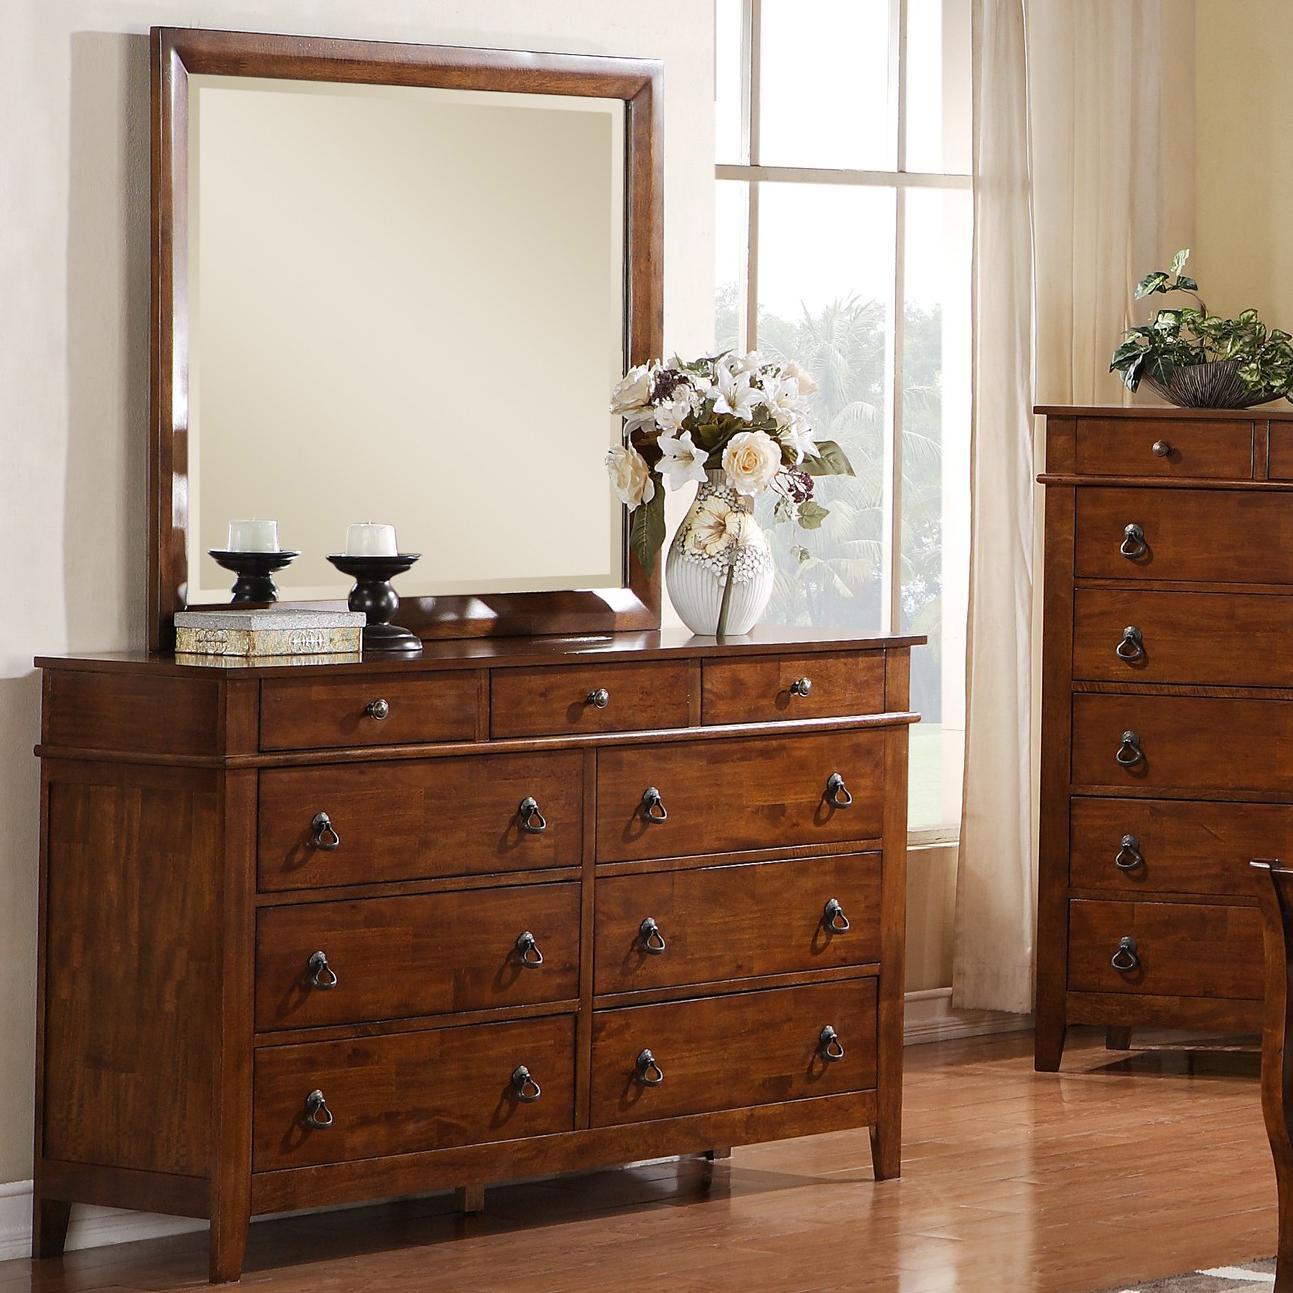 tucson transitional nine drawer dresser dream home furniture dressers. Black Bedroom Furniture Sets. Home Design Ideas